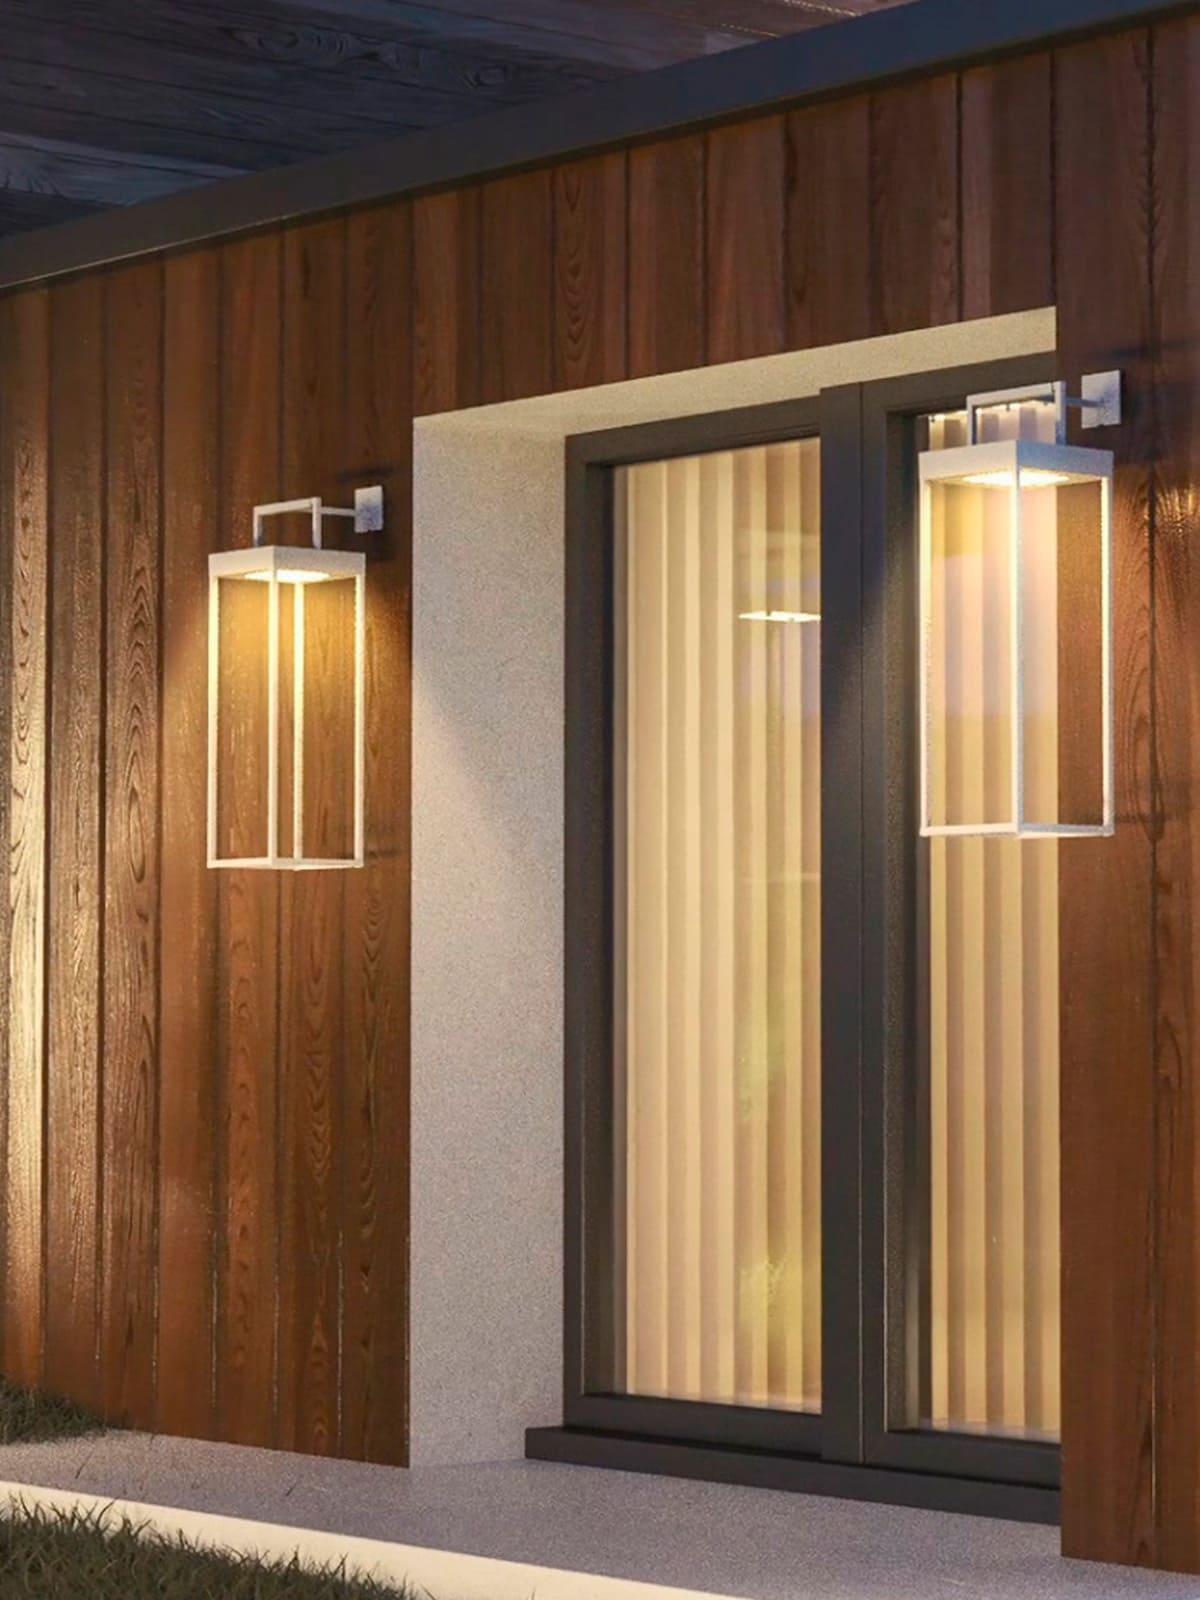 DesignOrt Lampenblog: Lampen ude Leuchten von LOOM Design LUCERNA SOLAR HYBRID Wandleuchte oder Tischlampe